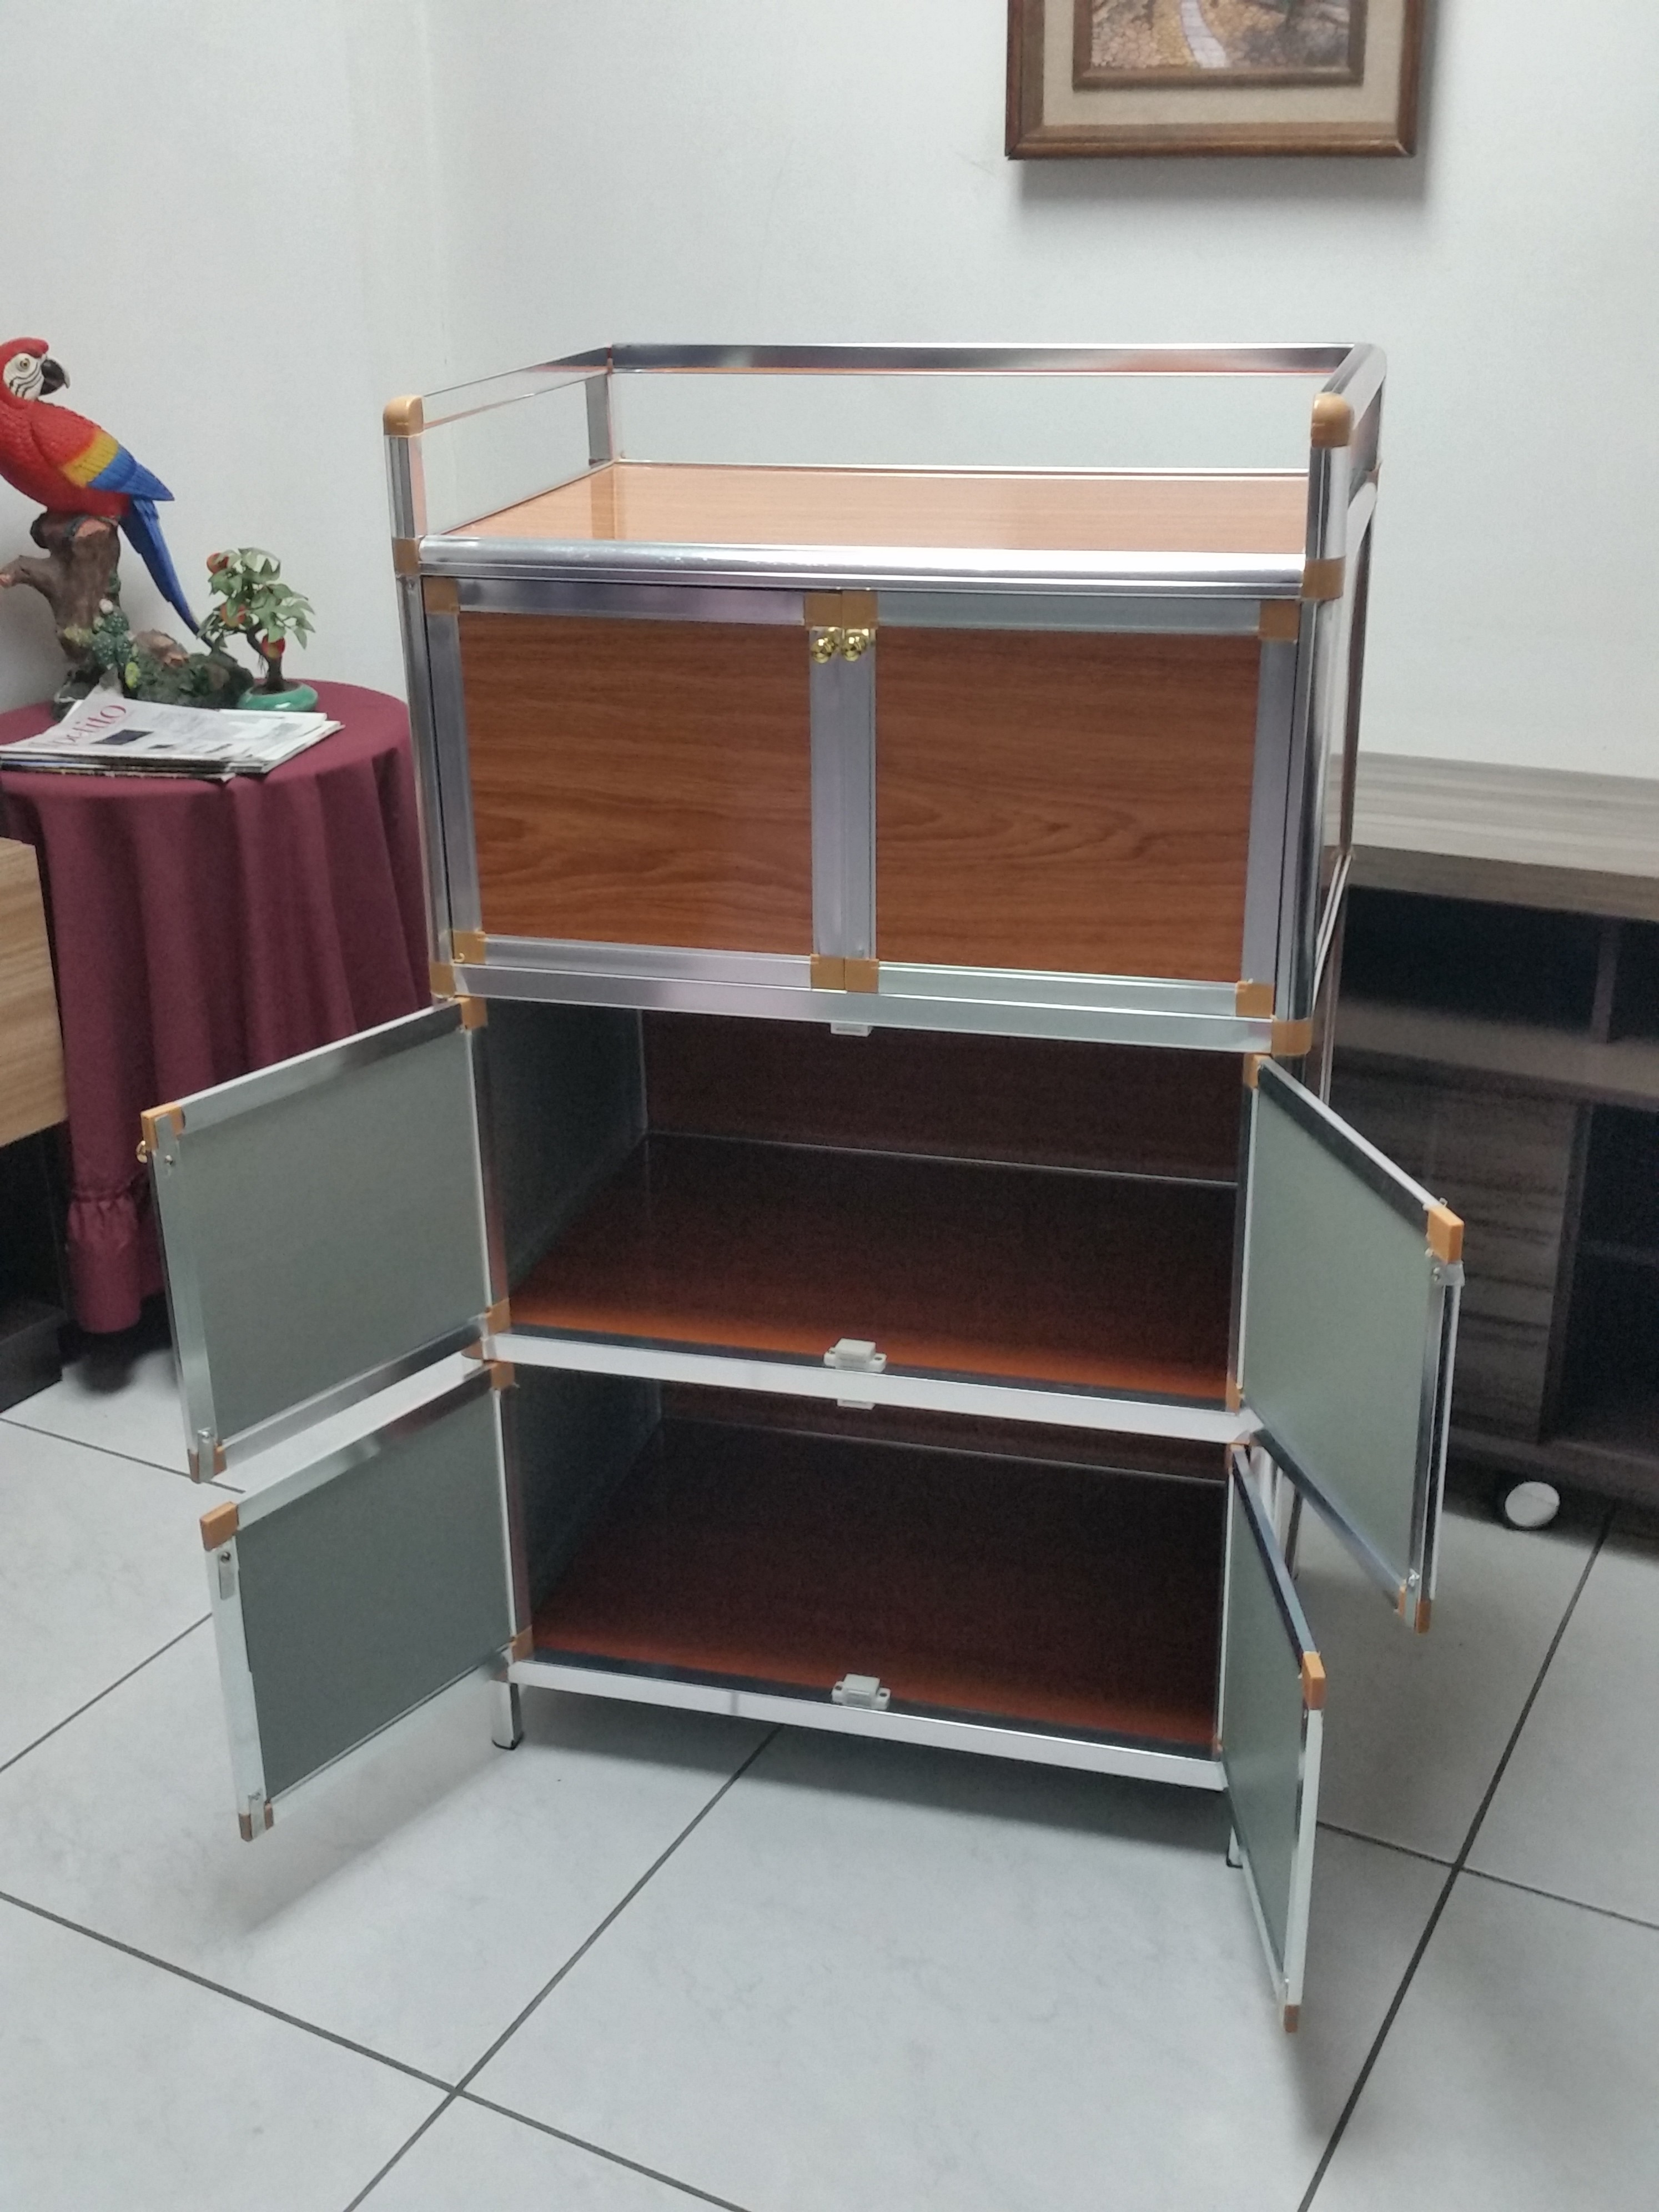 Mueble organizador vertical multiuso con 6 puertas labnash for Mueble 6 puertas